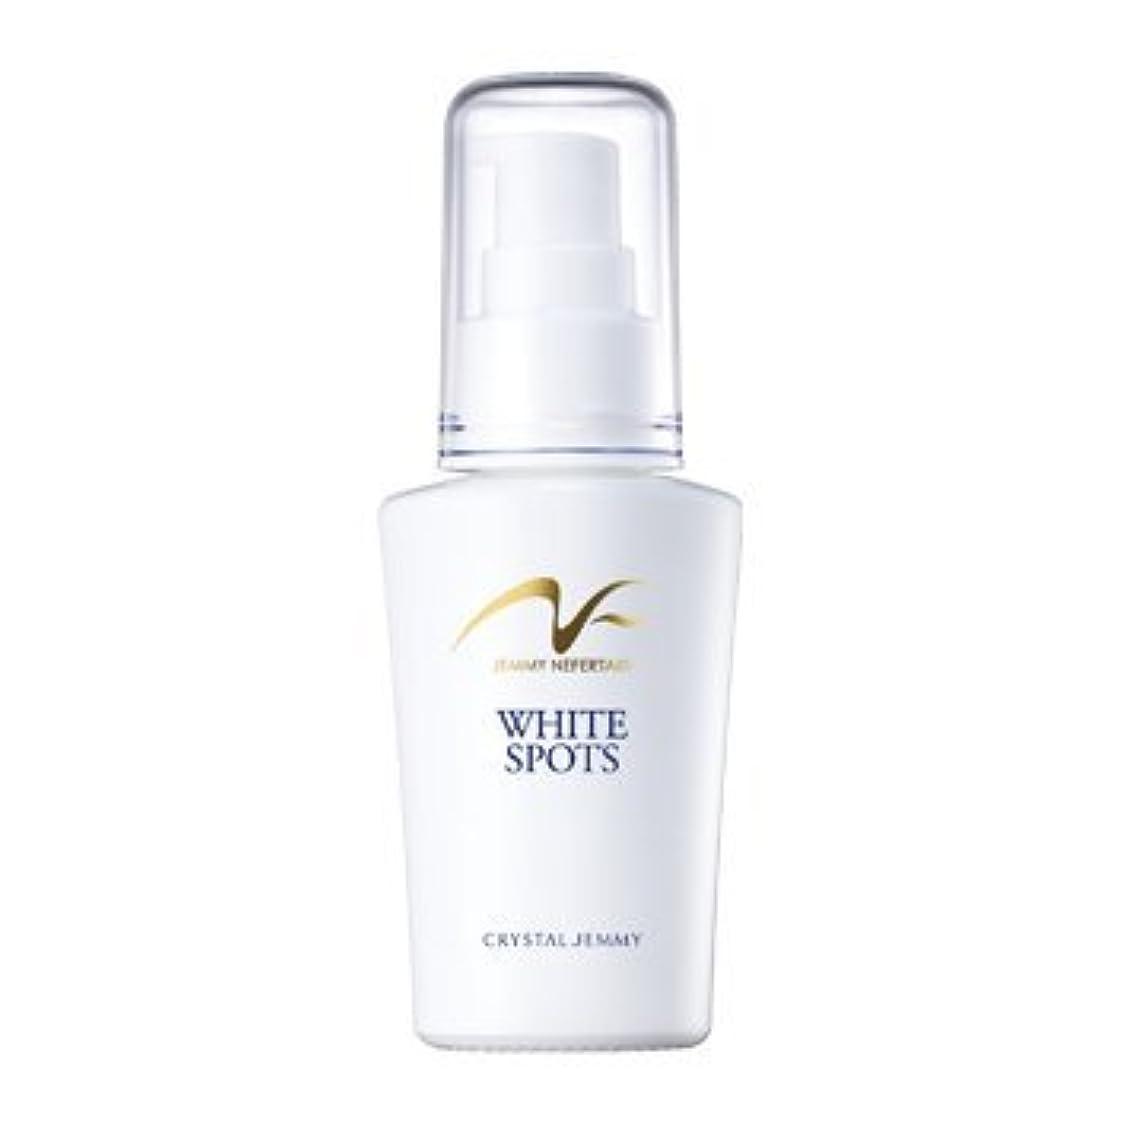 合図広げるポインタクリスタルジェミー ジェミーネフェルタリ薬用ホワイトスポッツ 美容液 美白 集中 シミ 対策